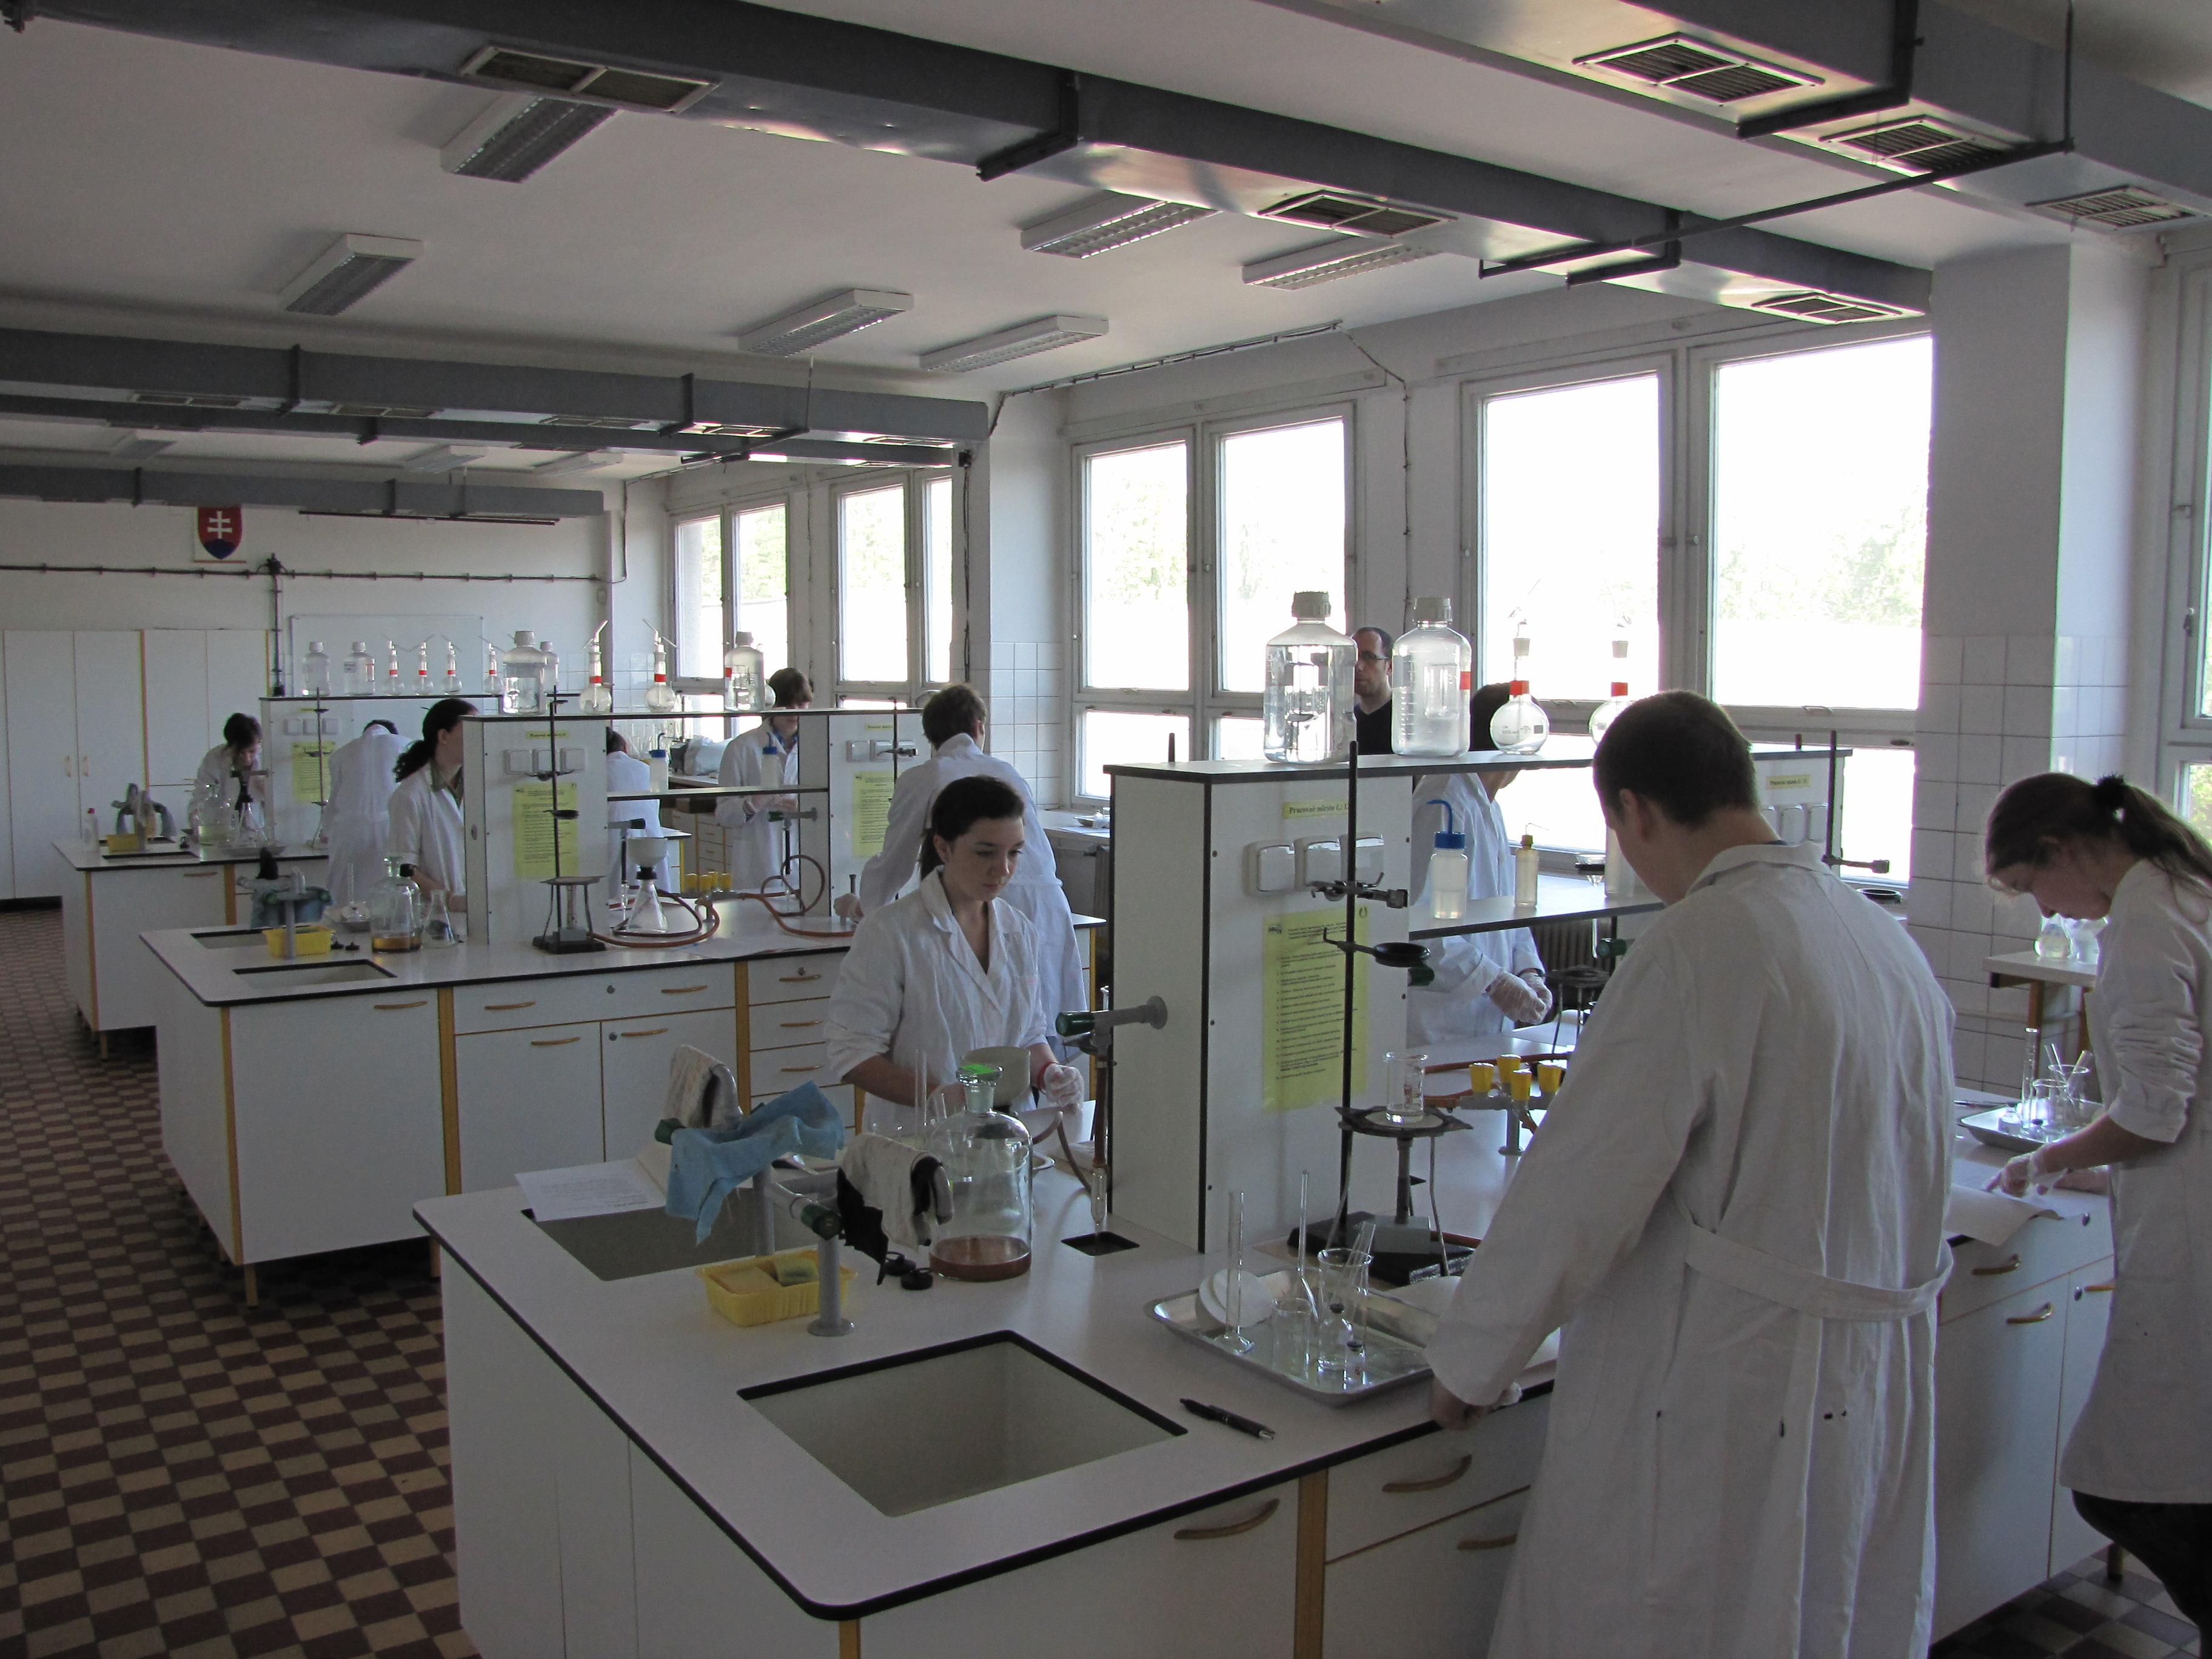 Chemická olympiáda - siedmak obstál v konkurencii ôsmakov a deviatakov